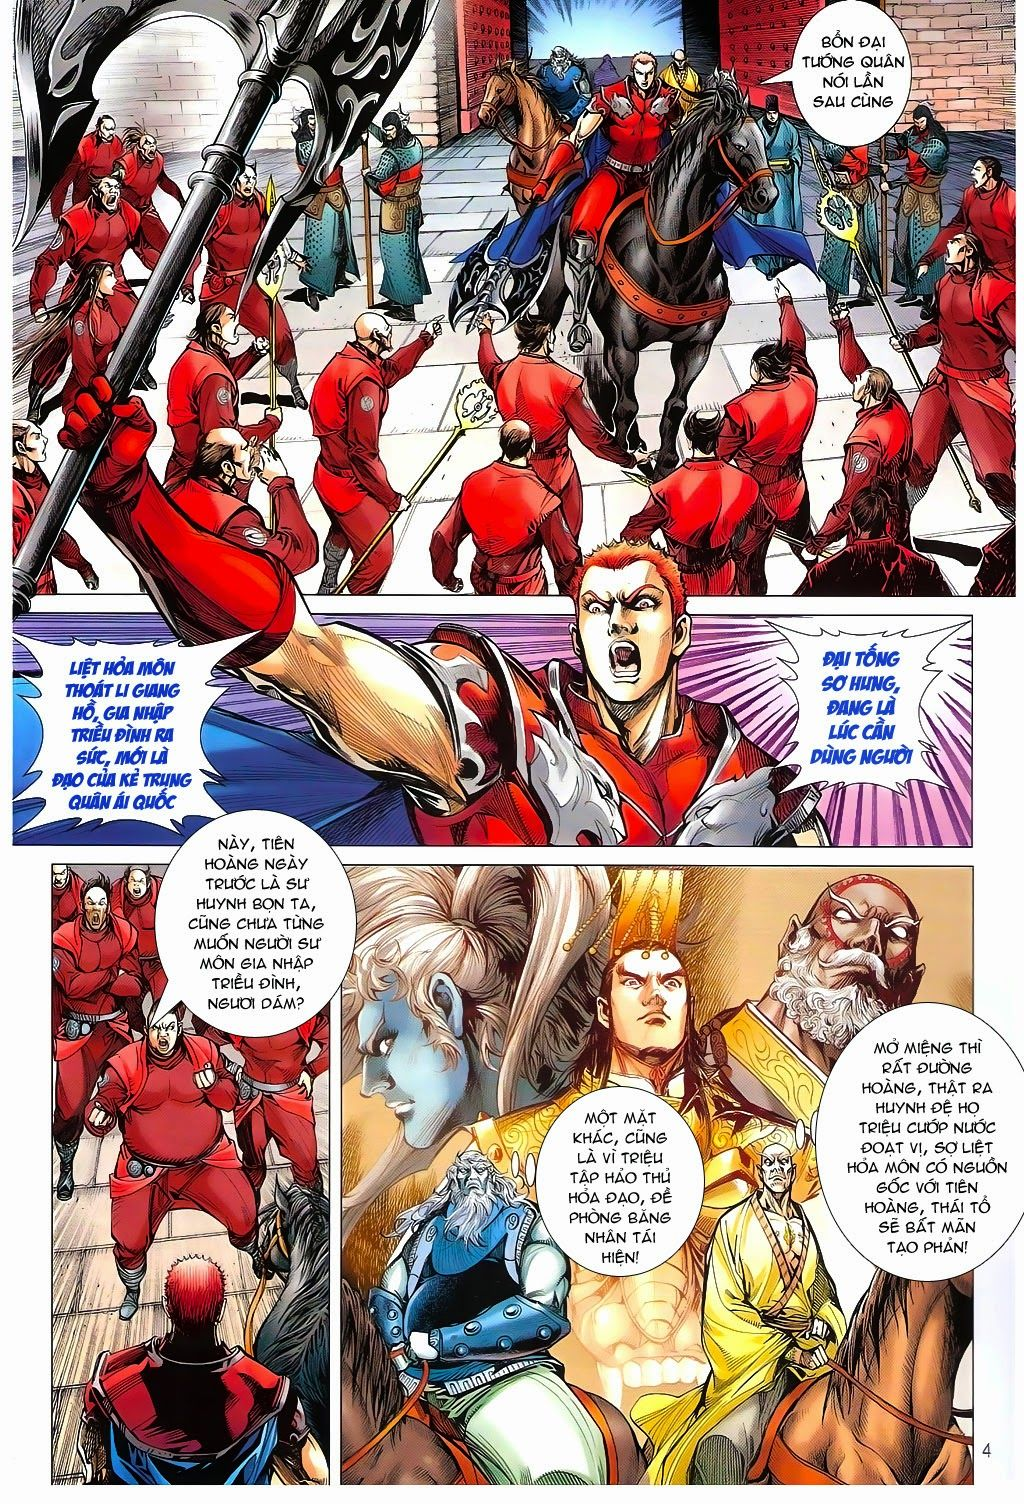 truyện tranh thiết tướng tung hoành Chapter 96/